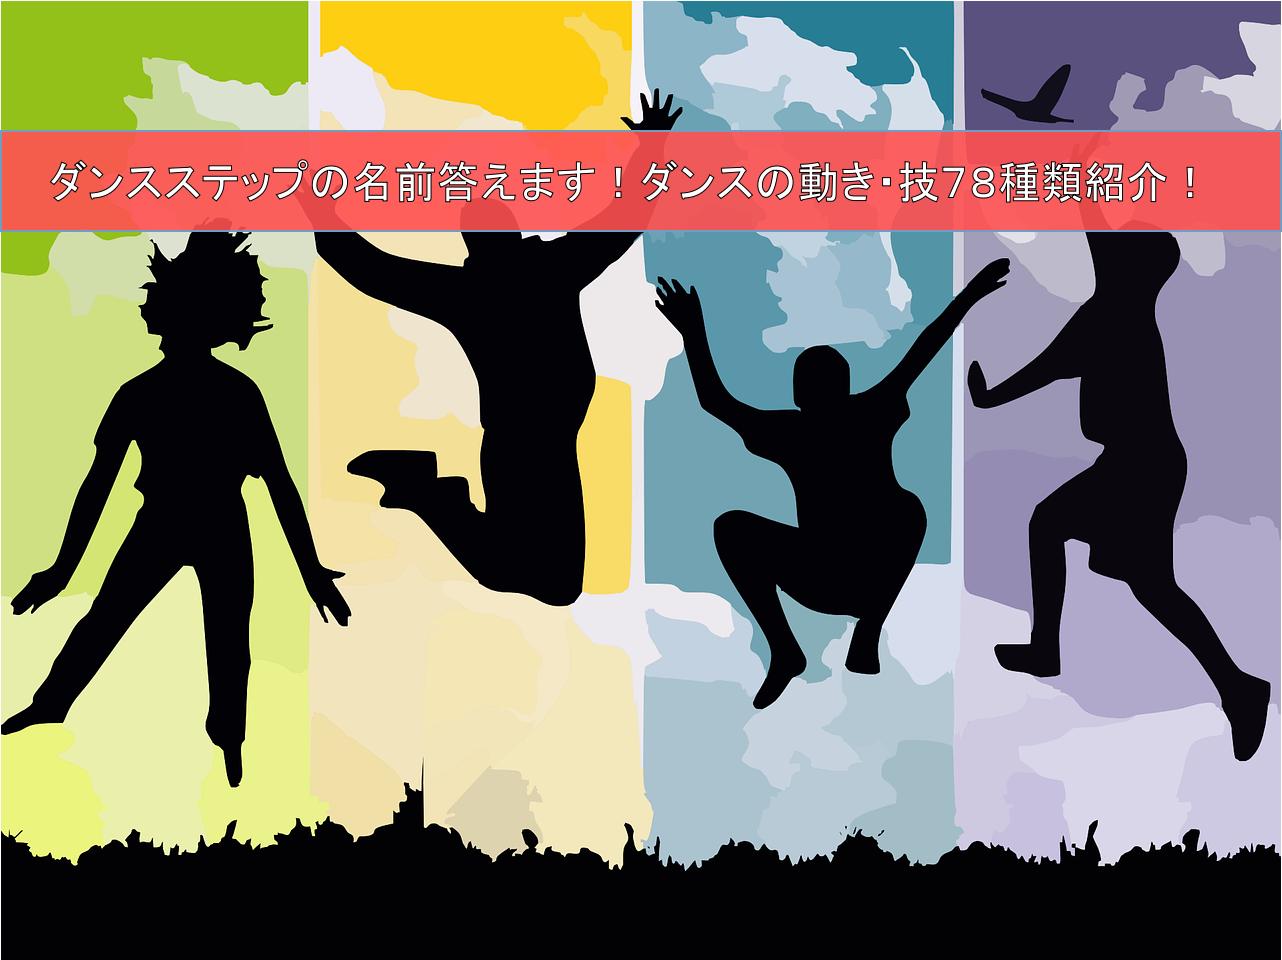 ダンスステップの名前答えます!ダンスの動き技78種類紹介!